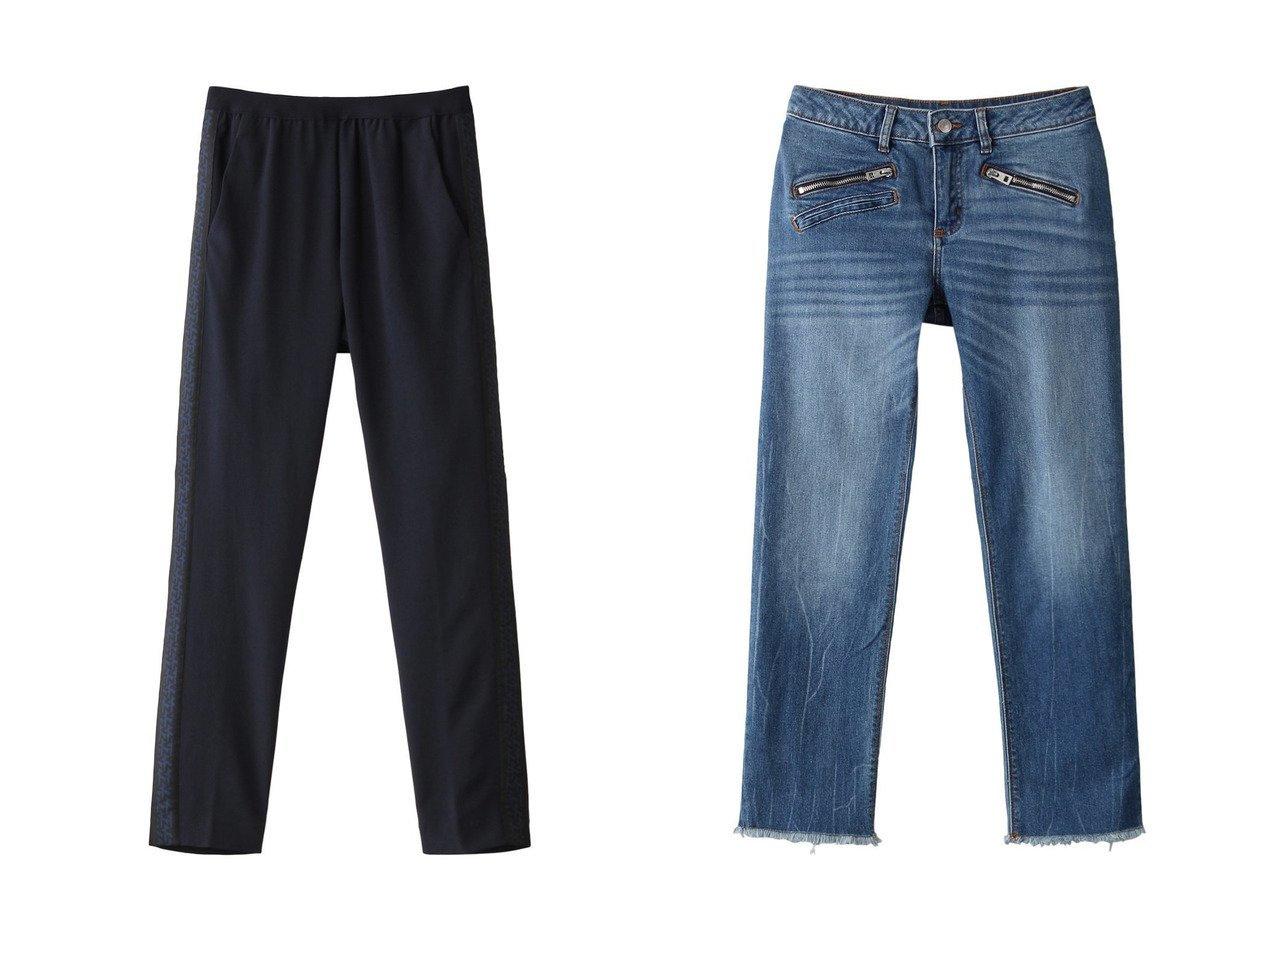 【ZADIG & VOLTAIRE/ザディグ エ ヴォルテール】のPAULA BAND PANTS パンツ&AVA ECO DENIM ジーンズ 【パンツ】おすすめ!人気、トレンド・レディースファッションの通販 おすすめで人気の流行・トレンド、ファッションの通販商品 インテリア・家具・メンズファッション・キッズファッション・レディースファッション・服の通販 founy(ファニー) https://founy.com/ ファッション Fashion レディースファッション WOMEN パンツ Pants デニムパンツ Denim Pants 2020年 2020 2020-2021秋冬・A/W AW・Autumn/Winter・FW・Fall-Winter/2020-2021 2021年 2021 2021-2022秋冬・A/W AW・Autumn/Winter・FW・Fall-Winter・2021-2022 A/W・秋冬 AW・Autumn/Winter・FW・Fall-Winter 人気 クール ジーンズ デニム フリンジ |ID:crp329100000059483